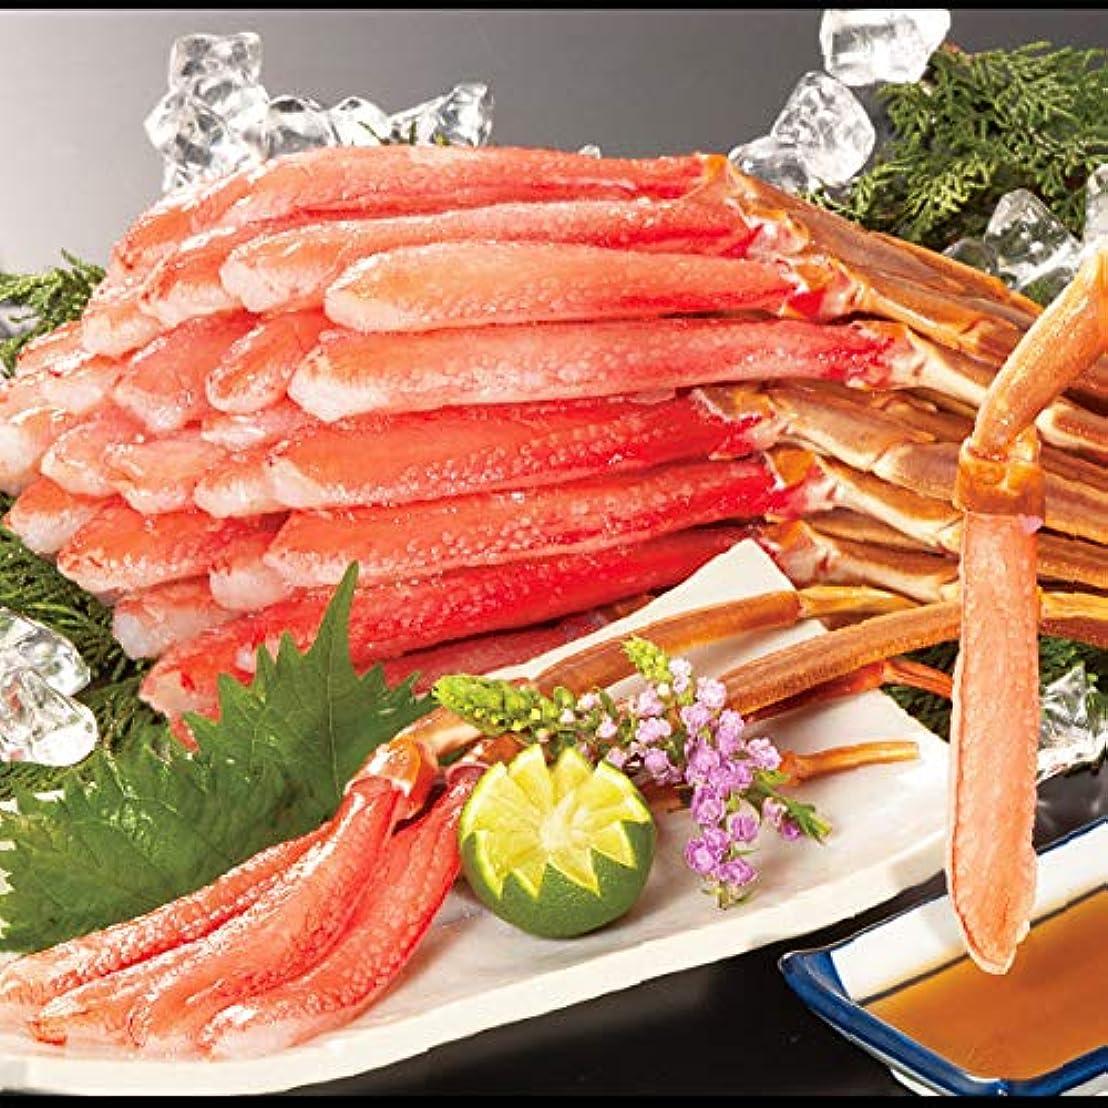 ジェムシネウィ請うお刺身用本ズワイガニ脚肉剥き身1kg (総重量:約1.2kg)